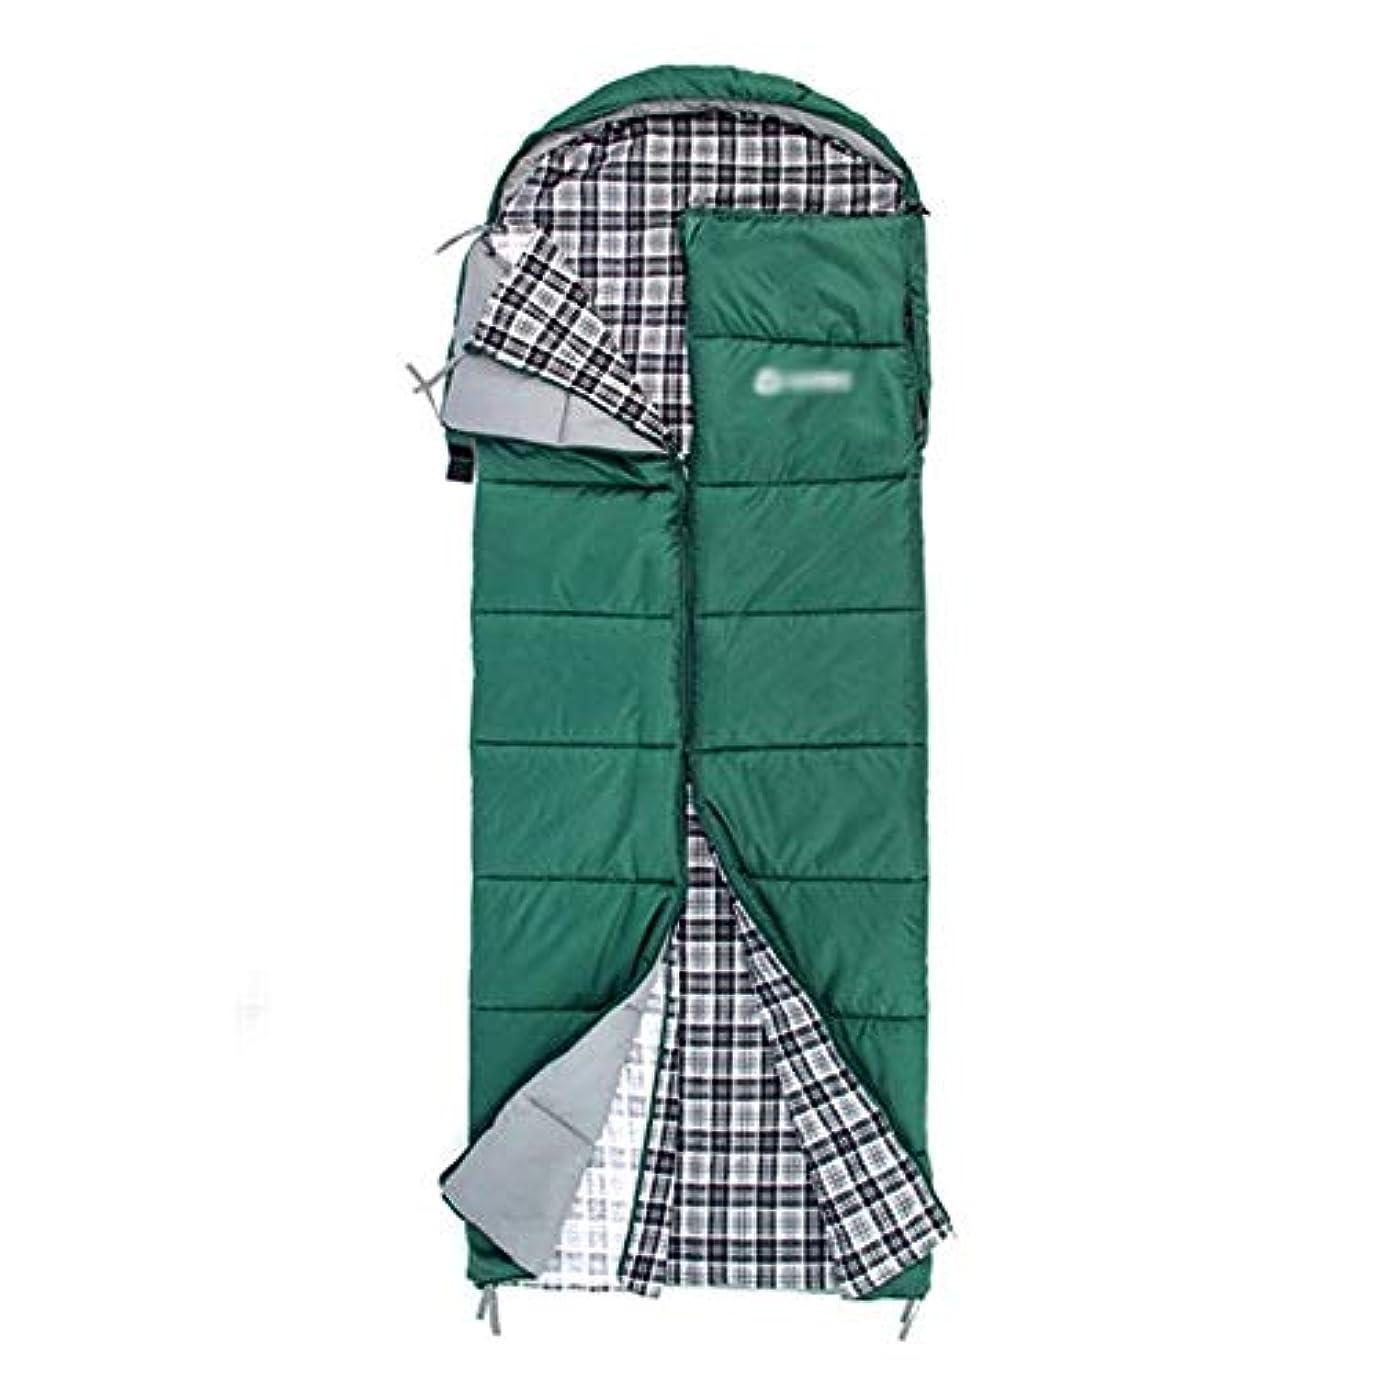 尋ねる麻酔薬強風軽量寝袋防水で通気性の暖かい寝袋3-4シーズンコットンパッドトラベルバッグアウトドア旅行のキャンプ用品に最適(サイズ:2.2kg)